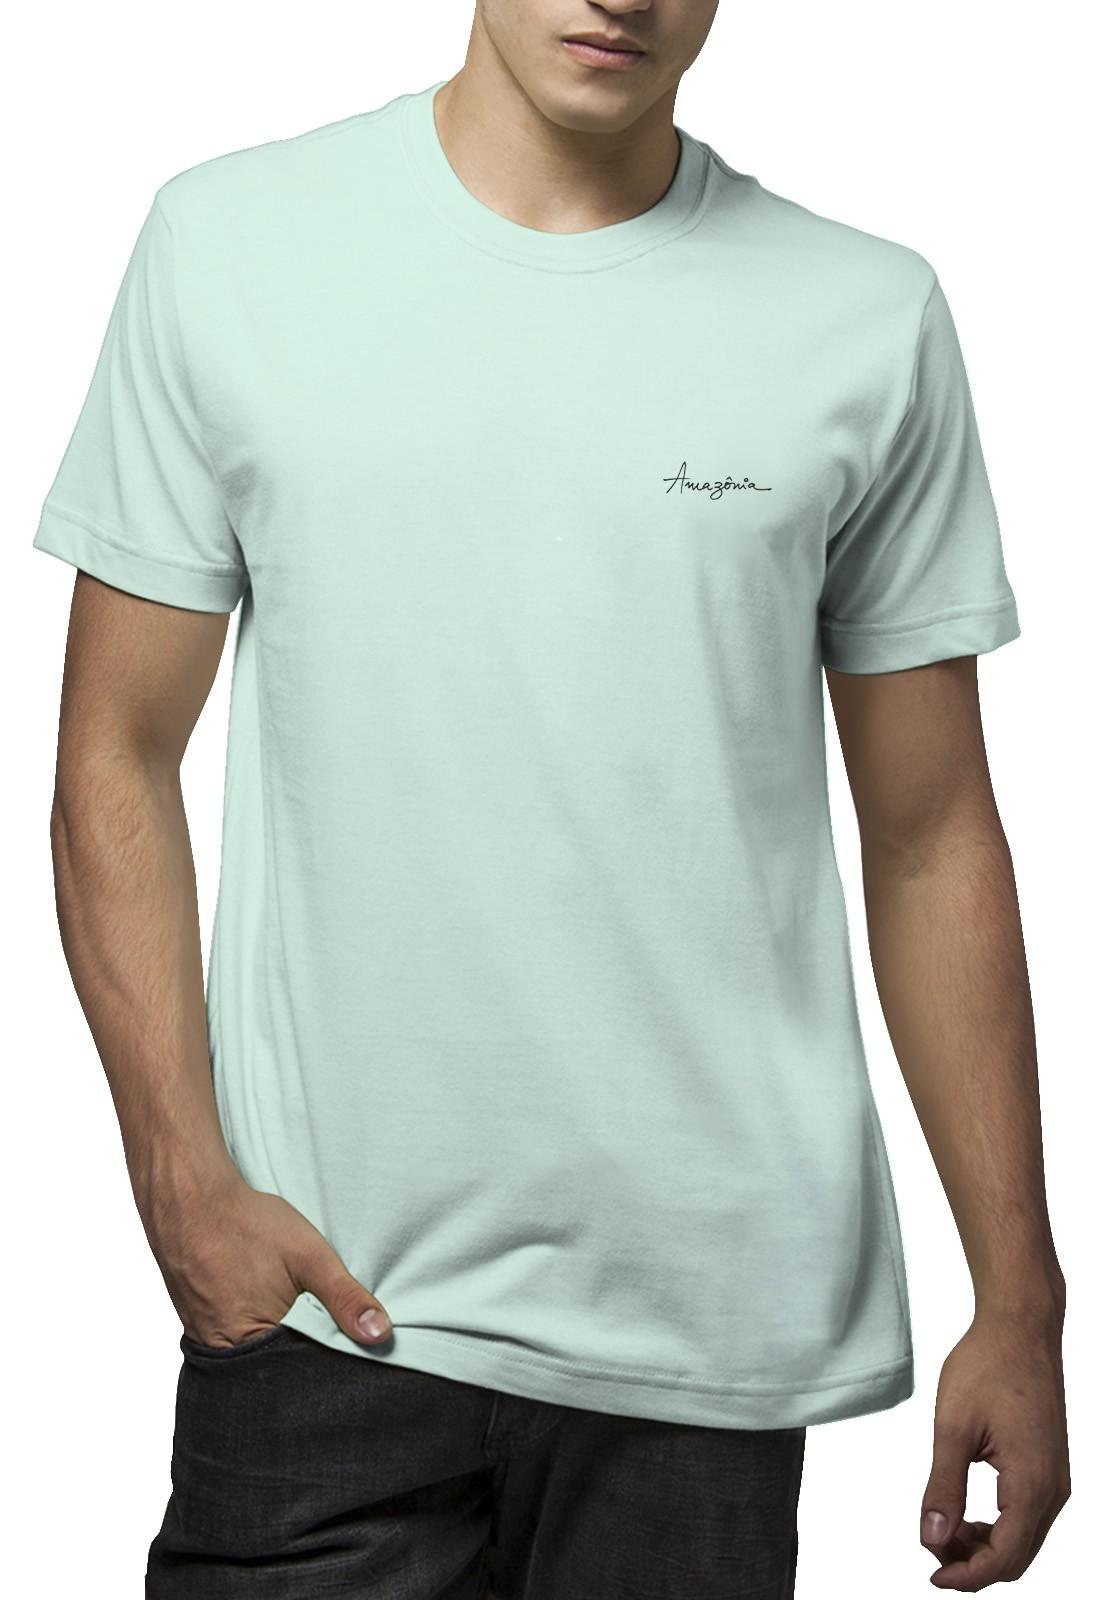 Camiseta Amazônia Folha Traços - Verde Claro